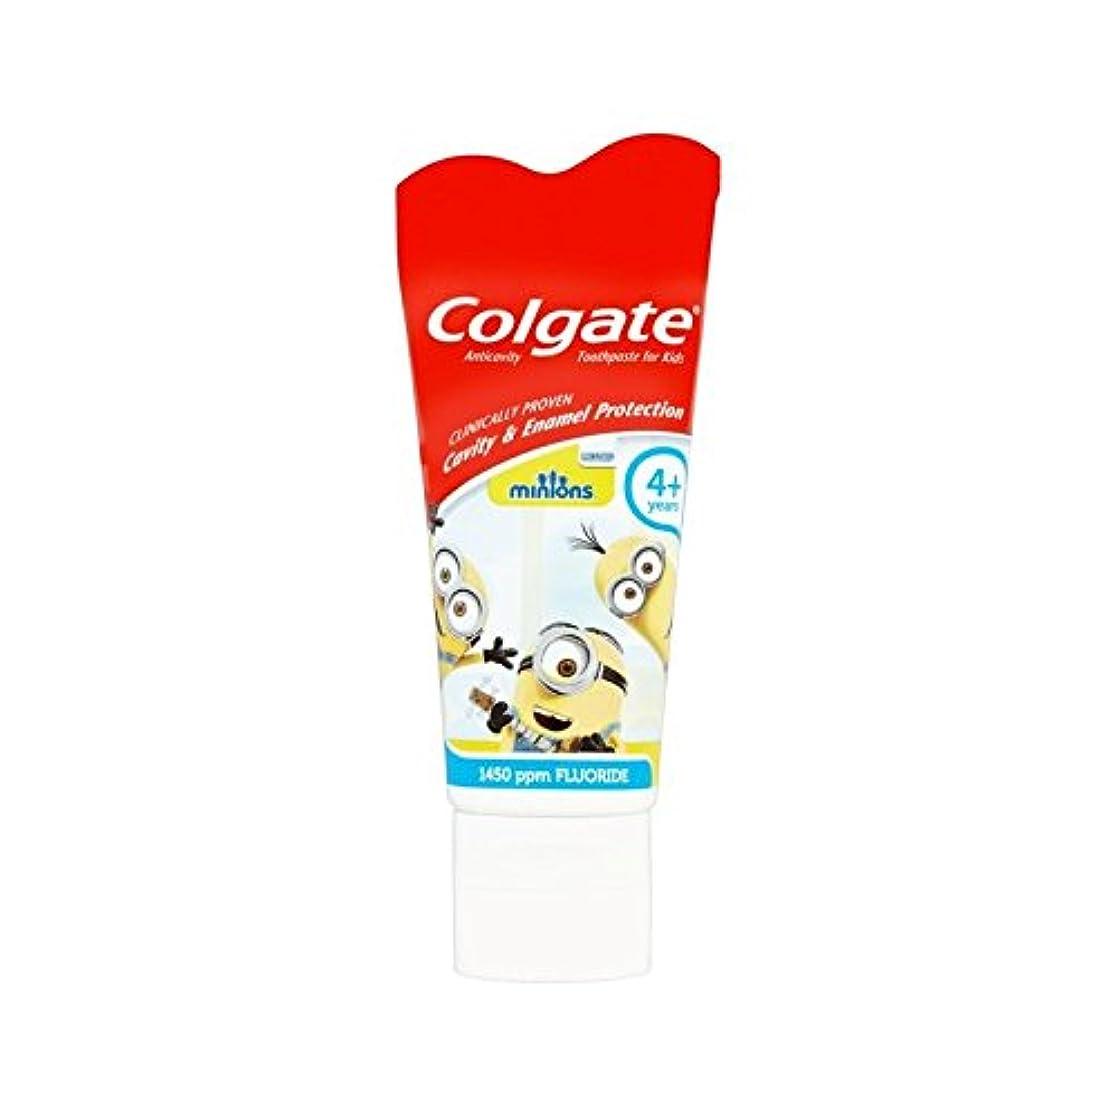 禁じる破裂縫う手下の子供4+歯磨き粉50ミリリットル (Colgate) (x 6) - Colgate Minions Kids 4+ Toothpaste 50ml (Pack of 6) [並行輸入品]